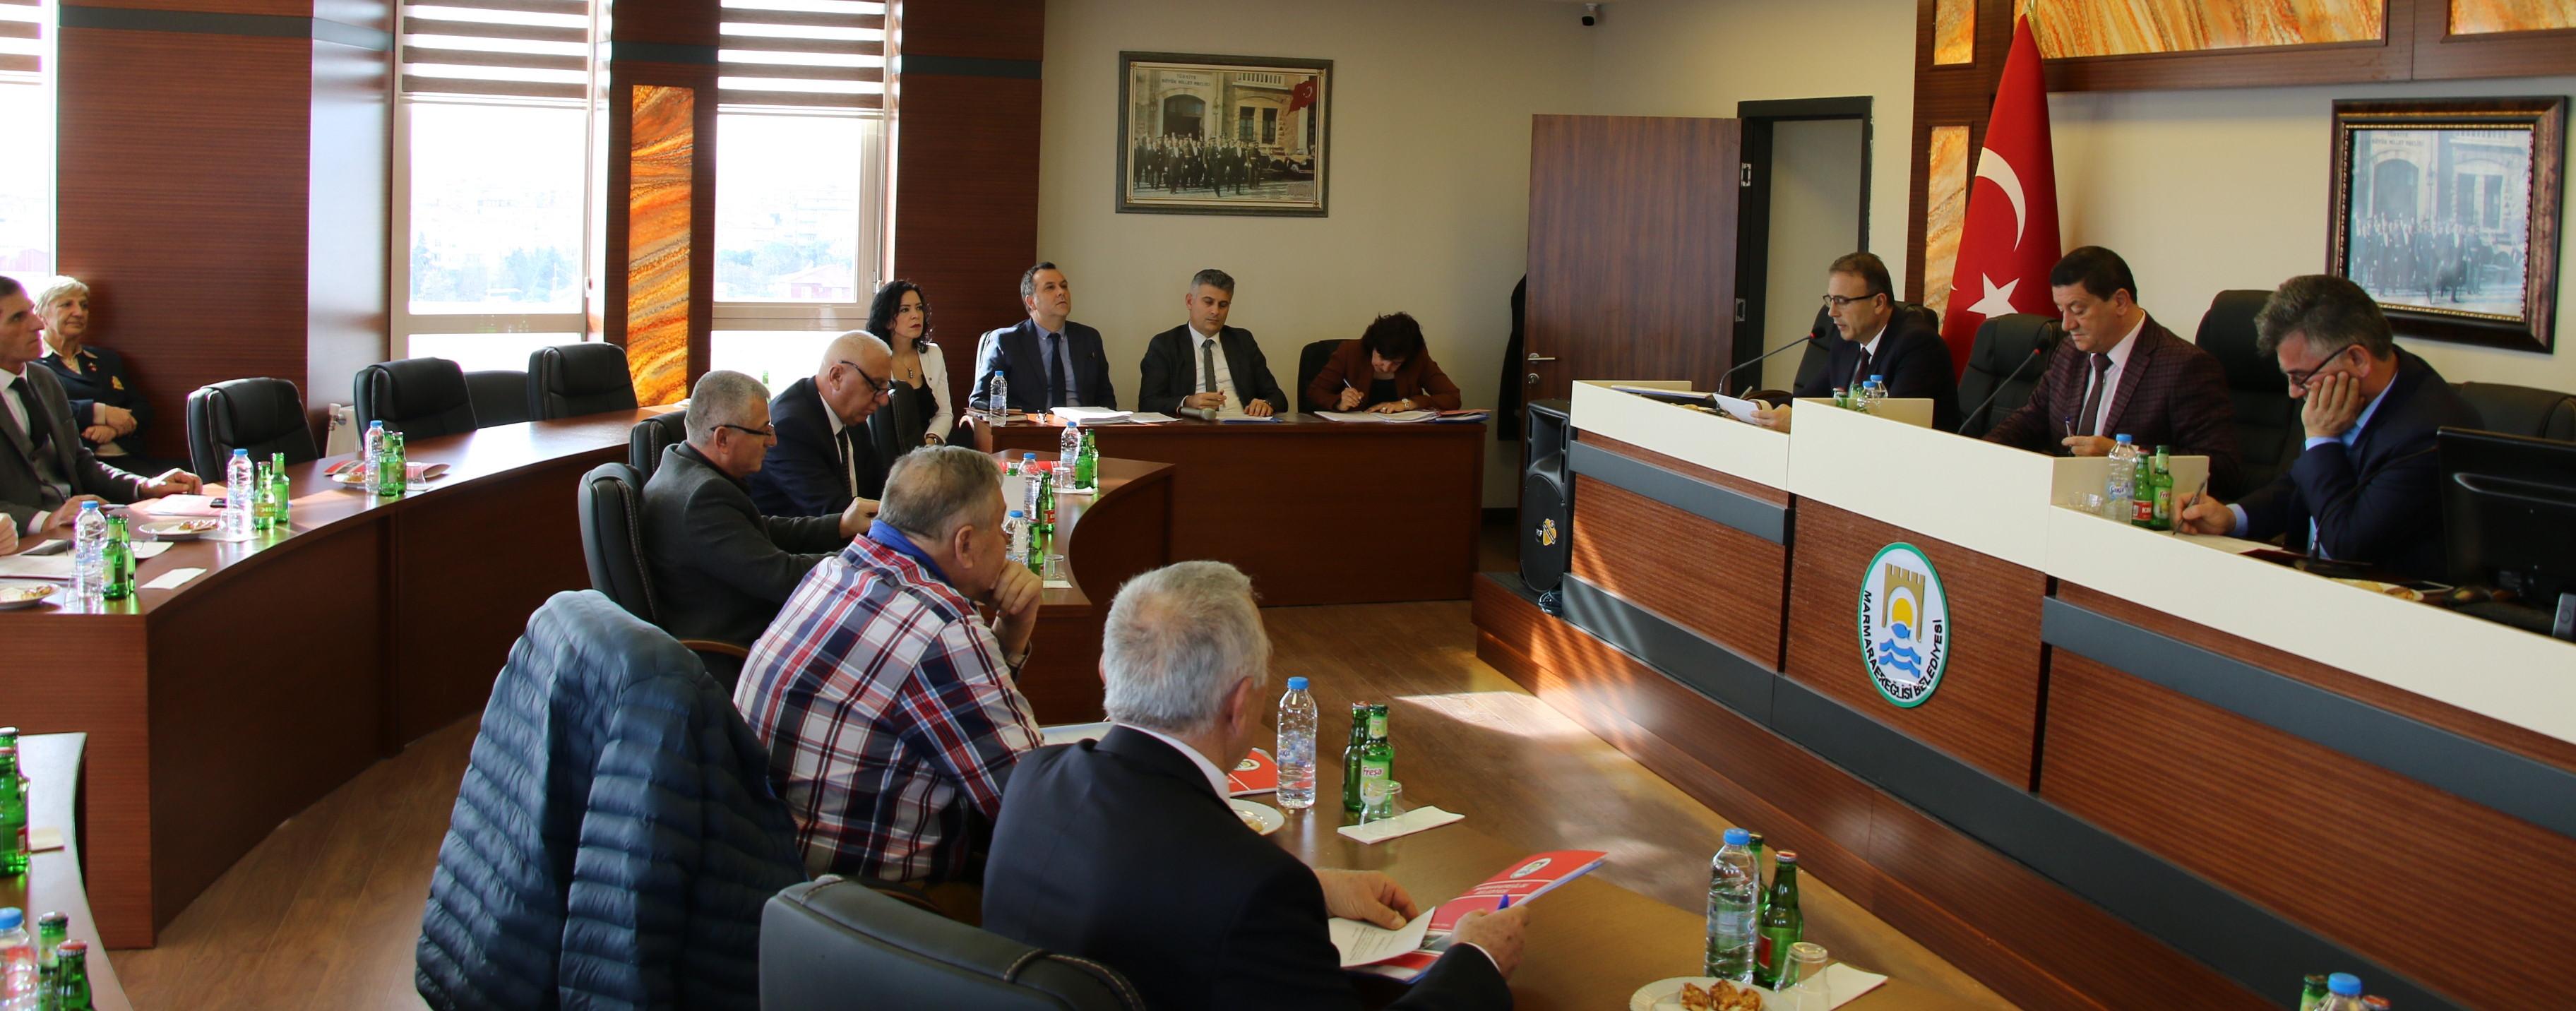 Marmaarereğlsii Belediyesi Aralık ayı meclis toplantısı yapıldı